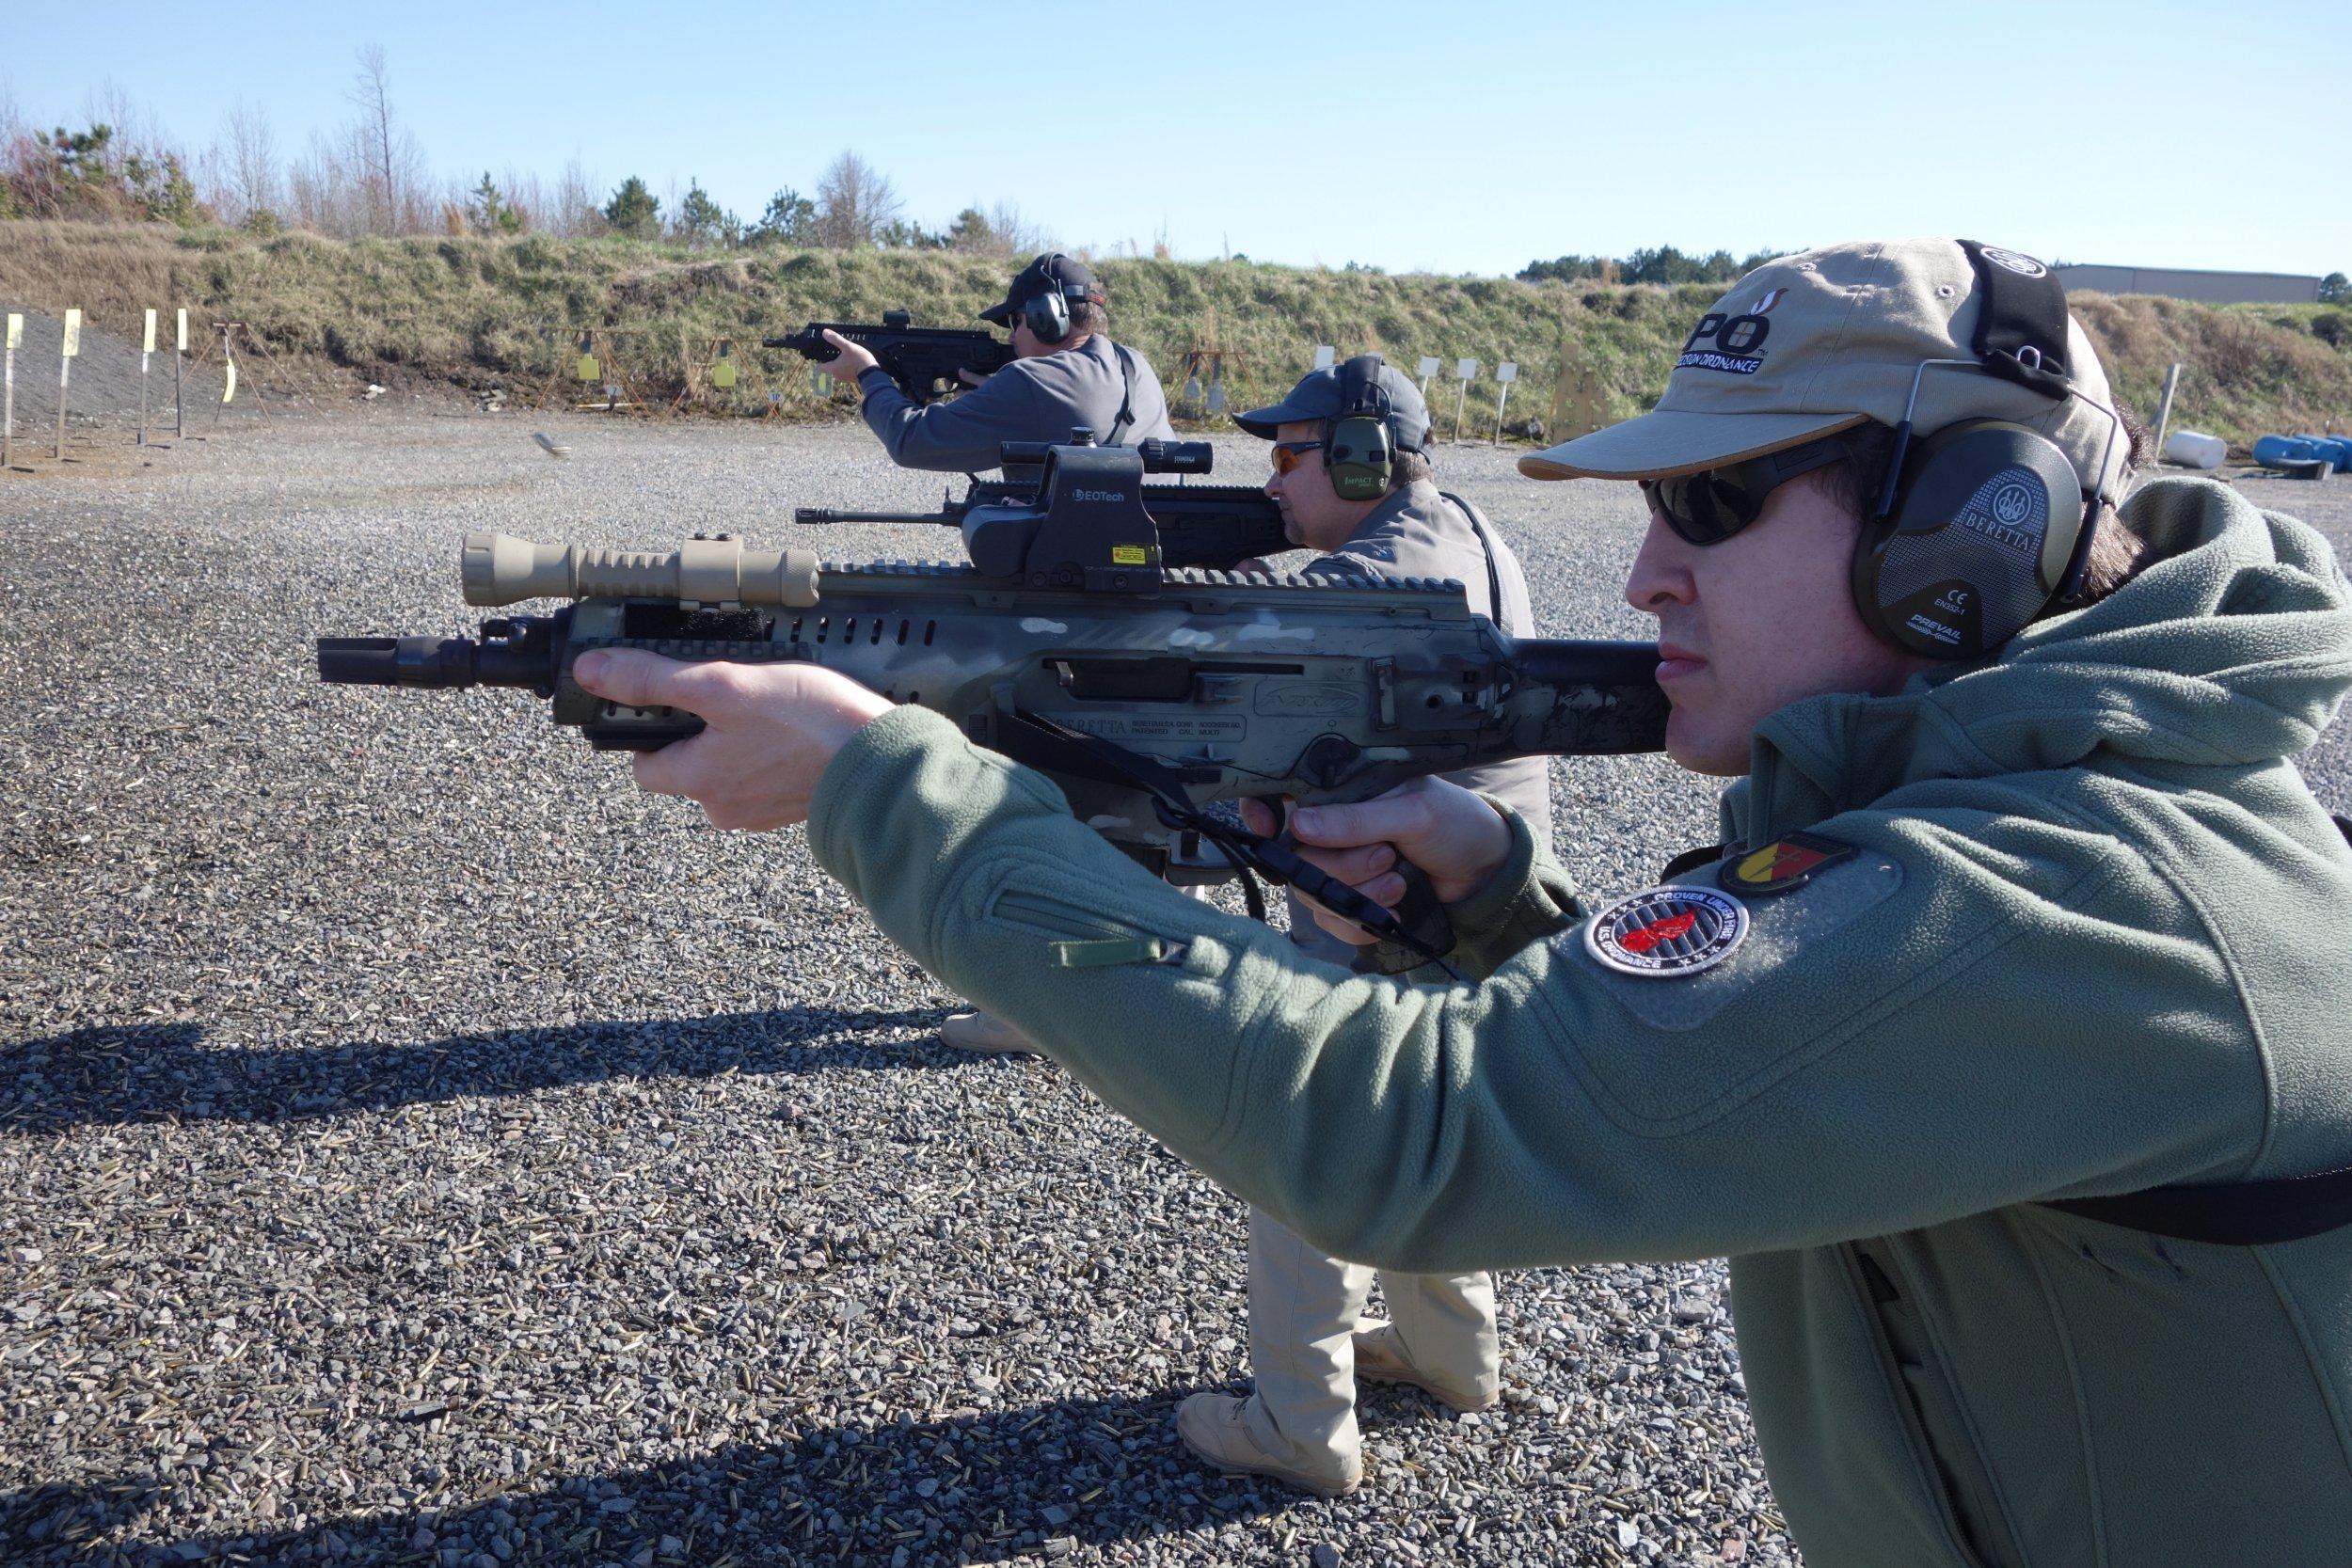 Beretta ARX 100 Semi Auto Ly ARX 160 Select Fire 5 56mm NATO